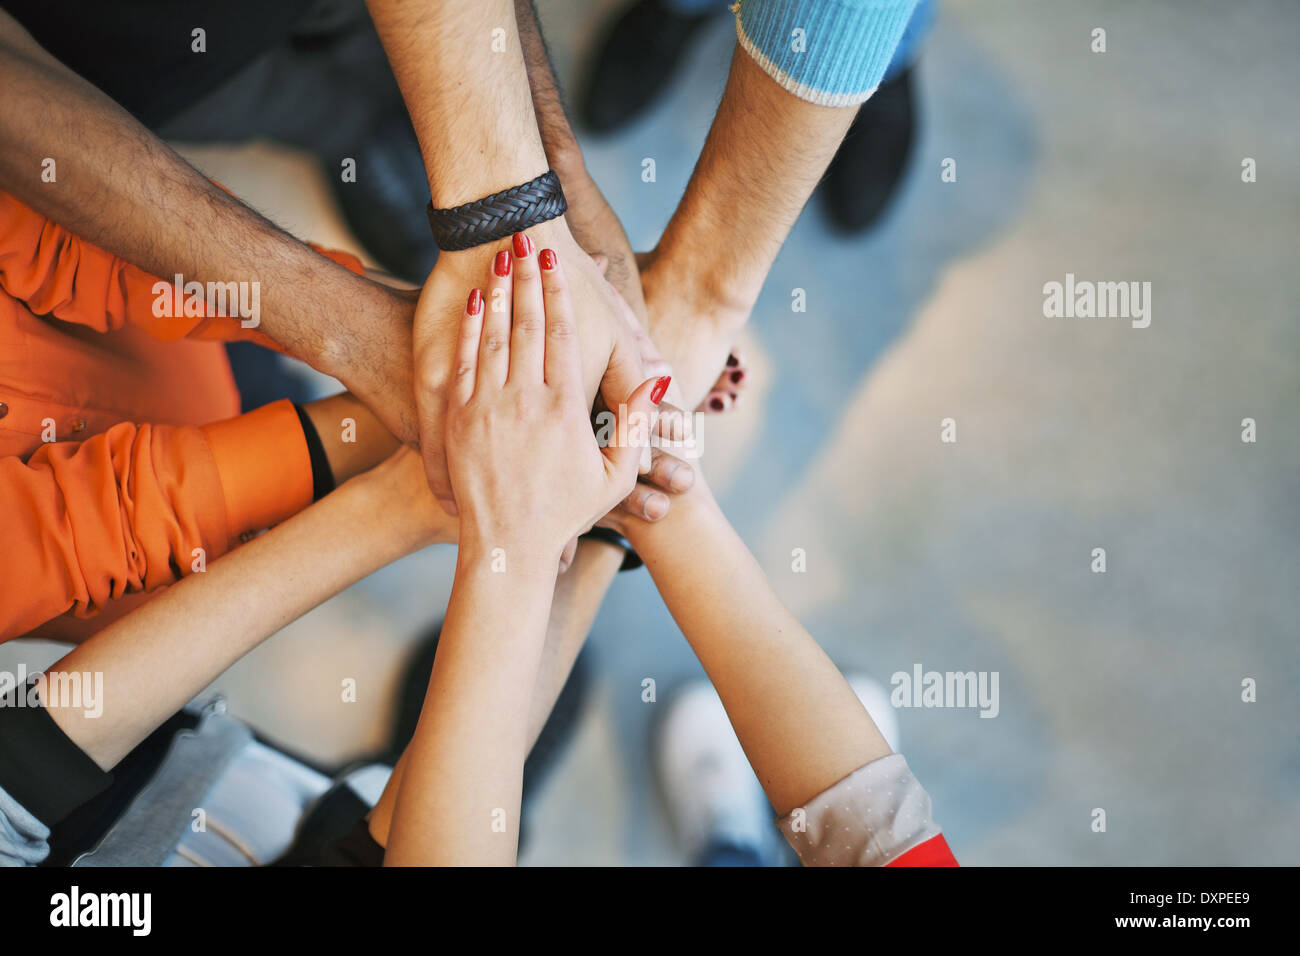 Groupe multiethnique des jeunes leur main sur le dessus de l'autre. Close up image de jeunes étudiants stacking hands. Photo Stock